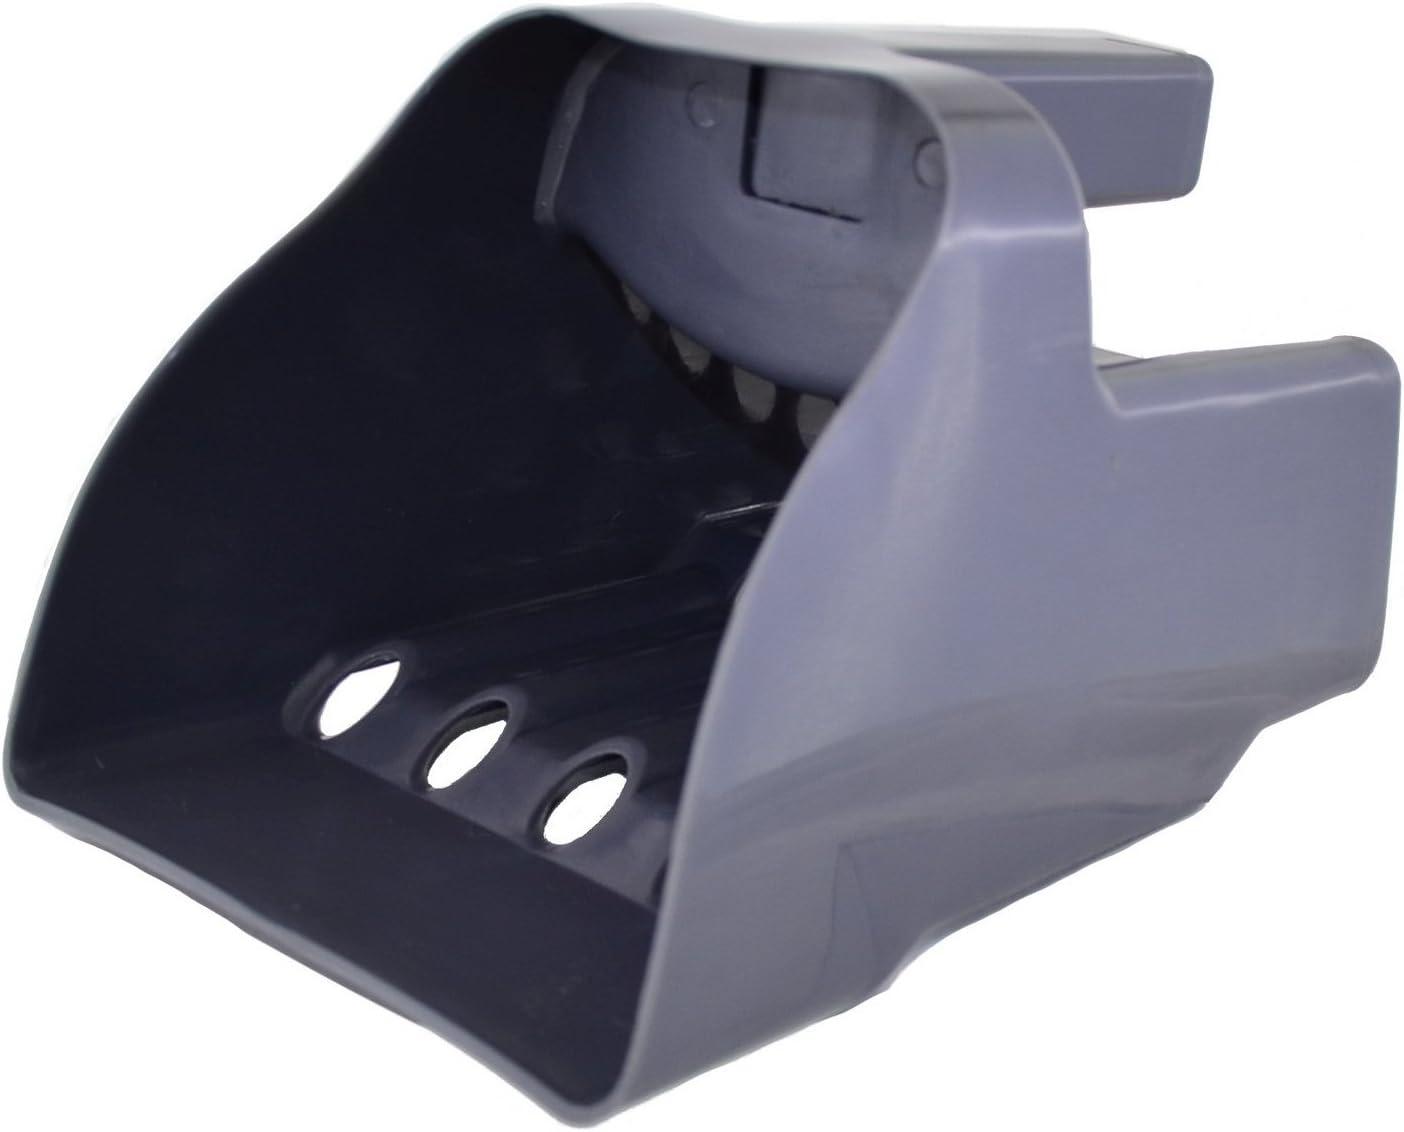 Pala cernidora de arena ProtectorTech para detección de metales, herramienta de excavación y tamizado